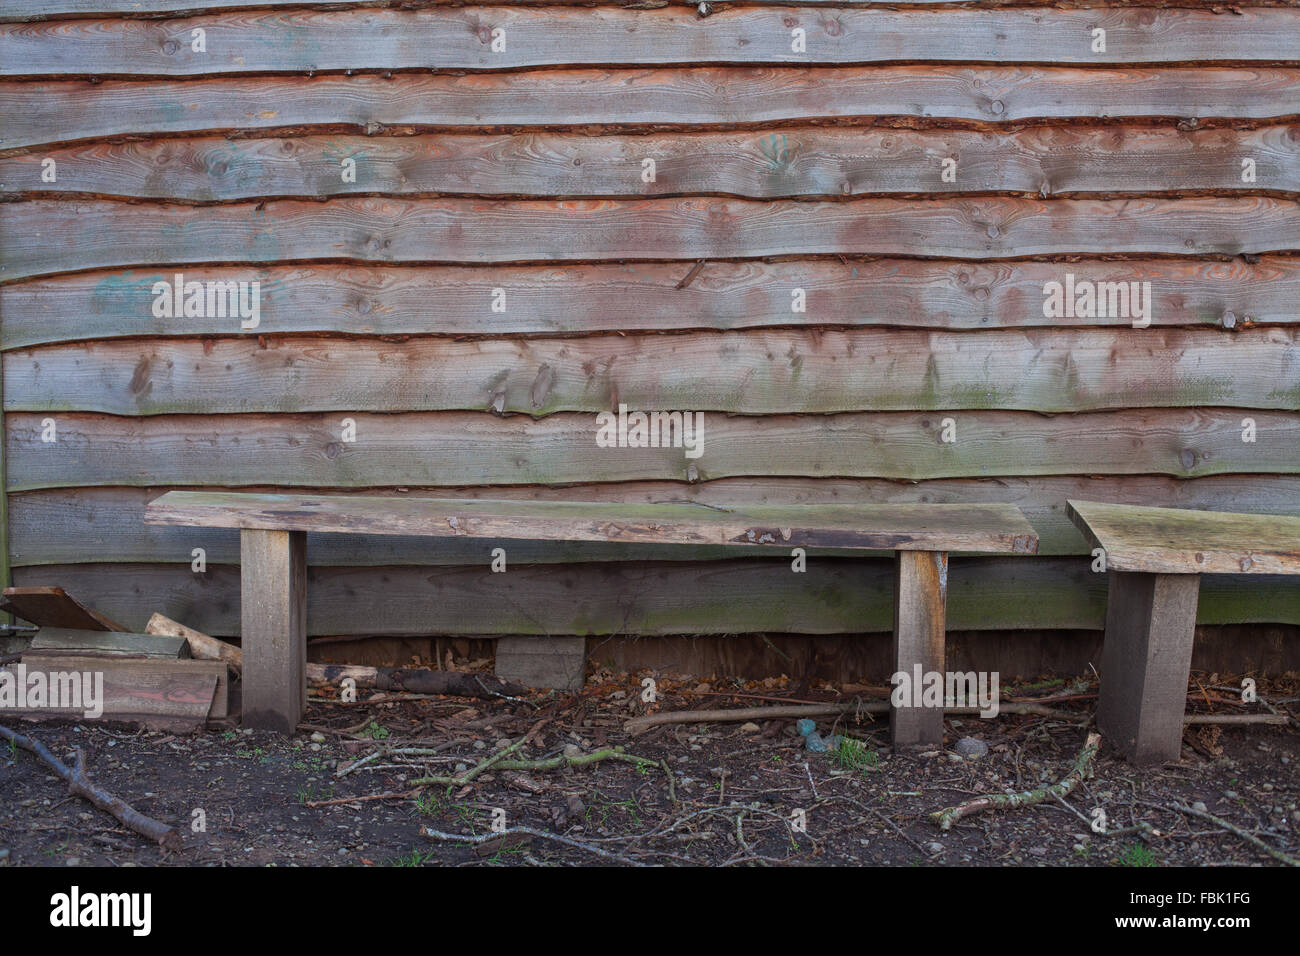 Holz Verkleidung und Bänke Runde eine traditionelle Eichenrahmen ...